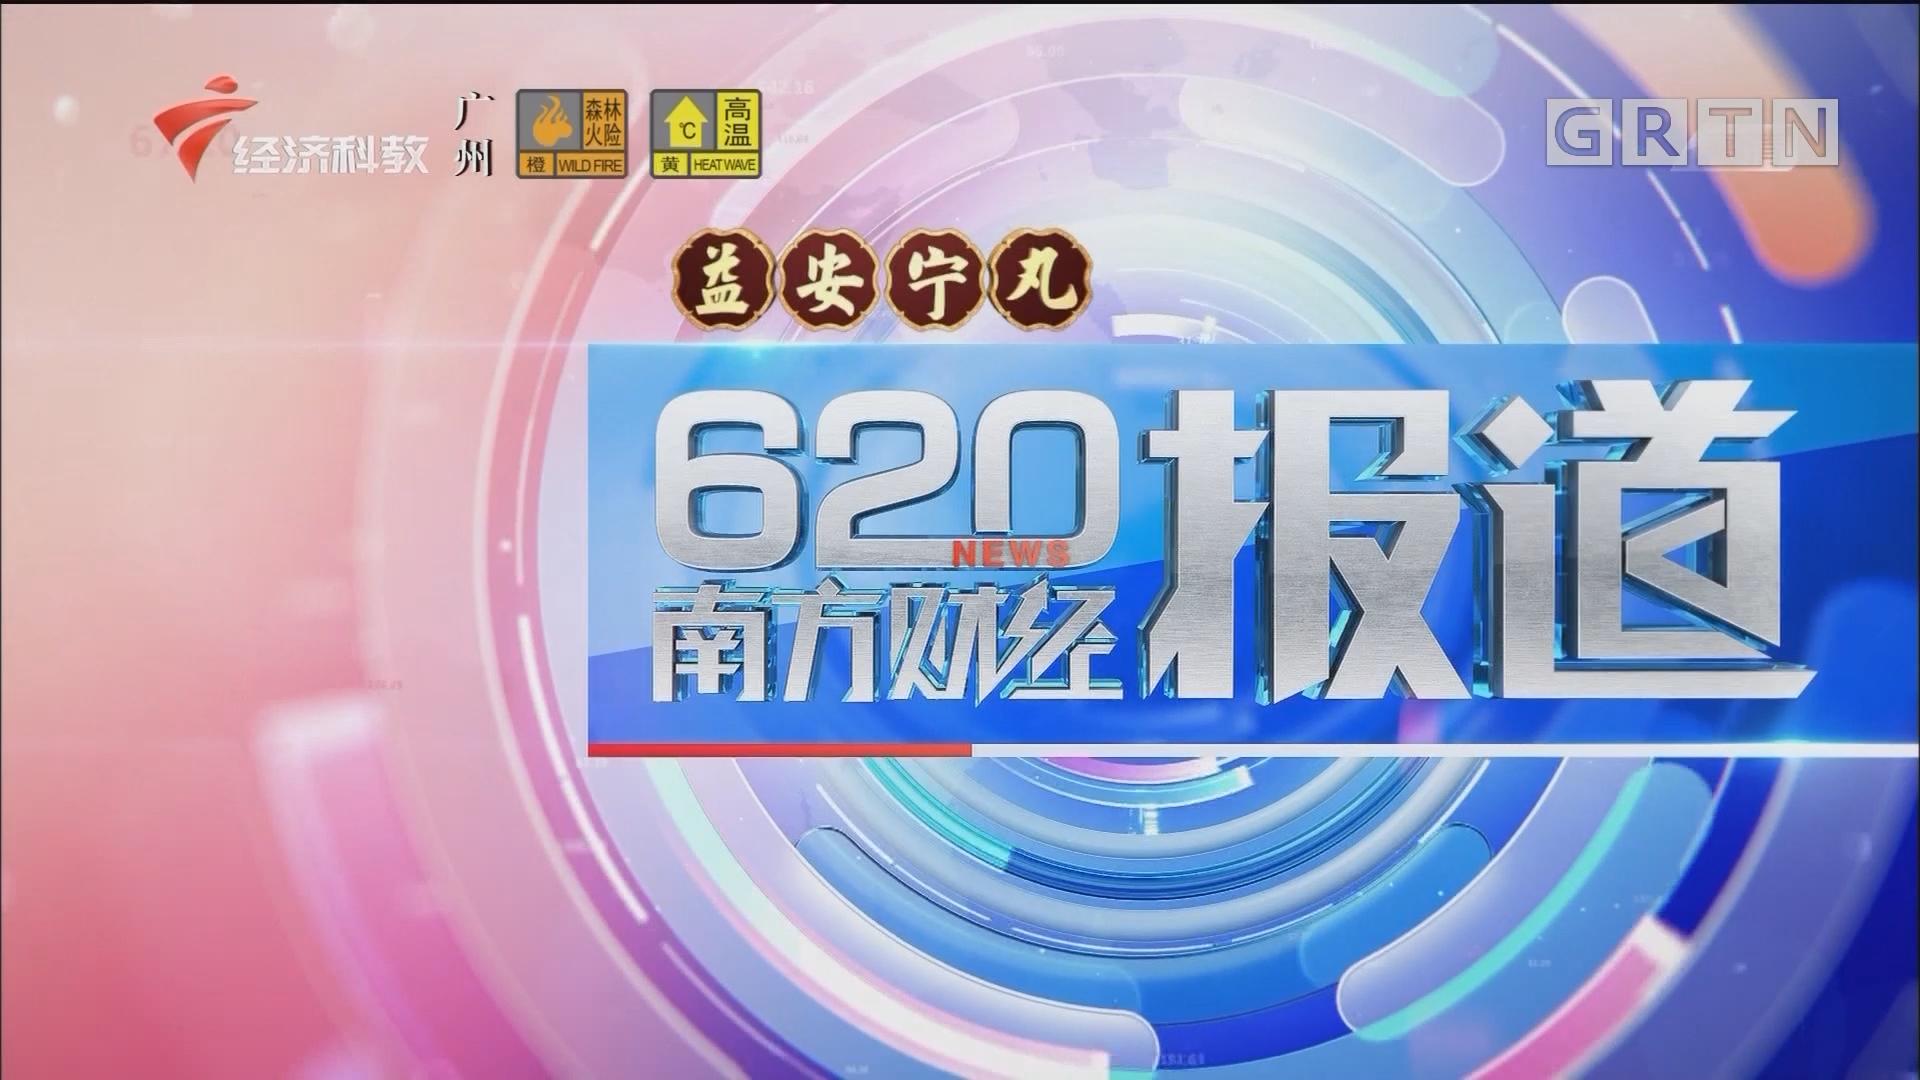 [HD][2020-05-07]南方財經報道:廣州市區跟團游重啟 61人分三條線路出發